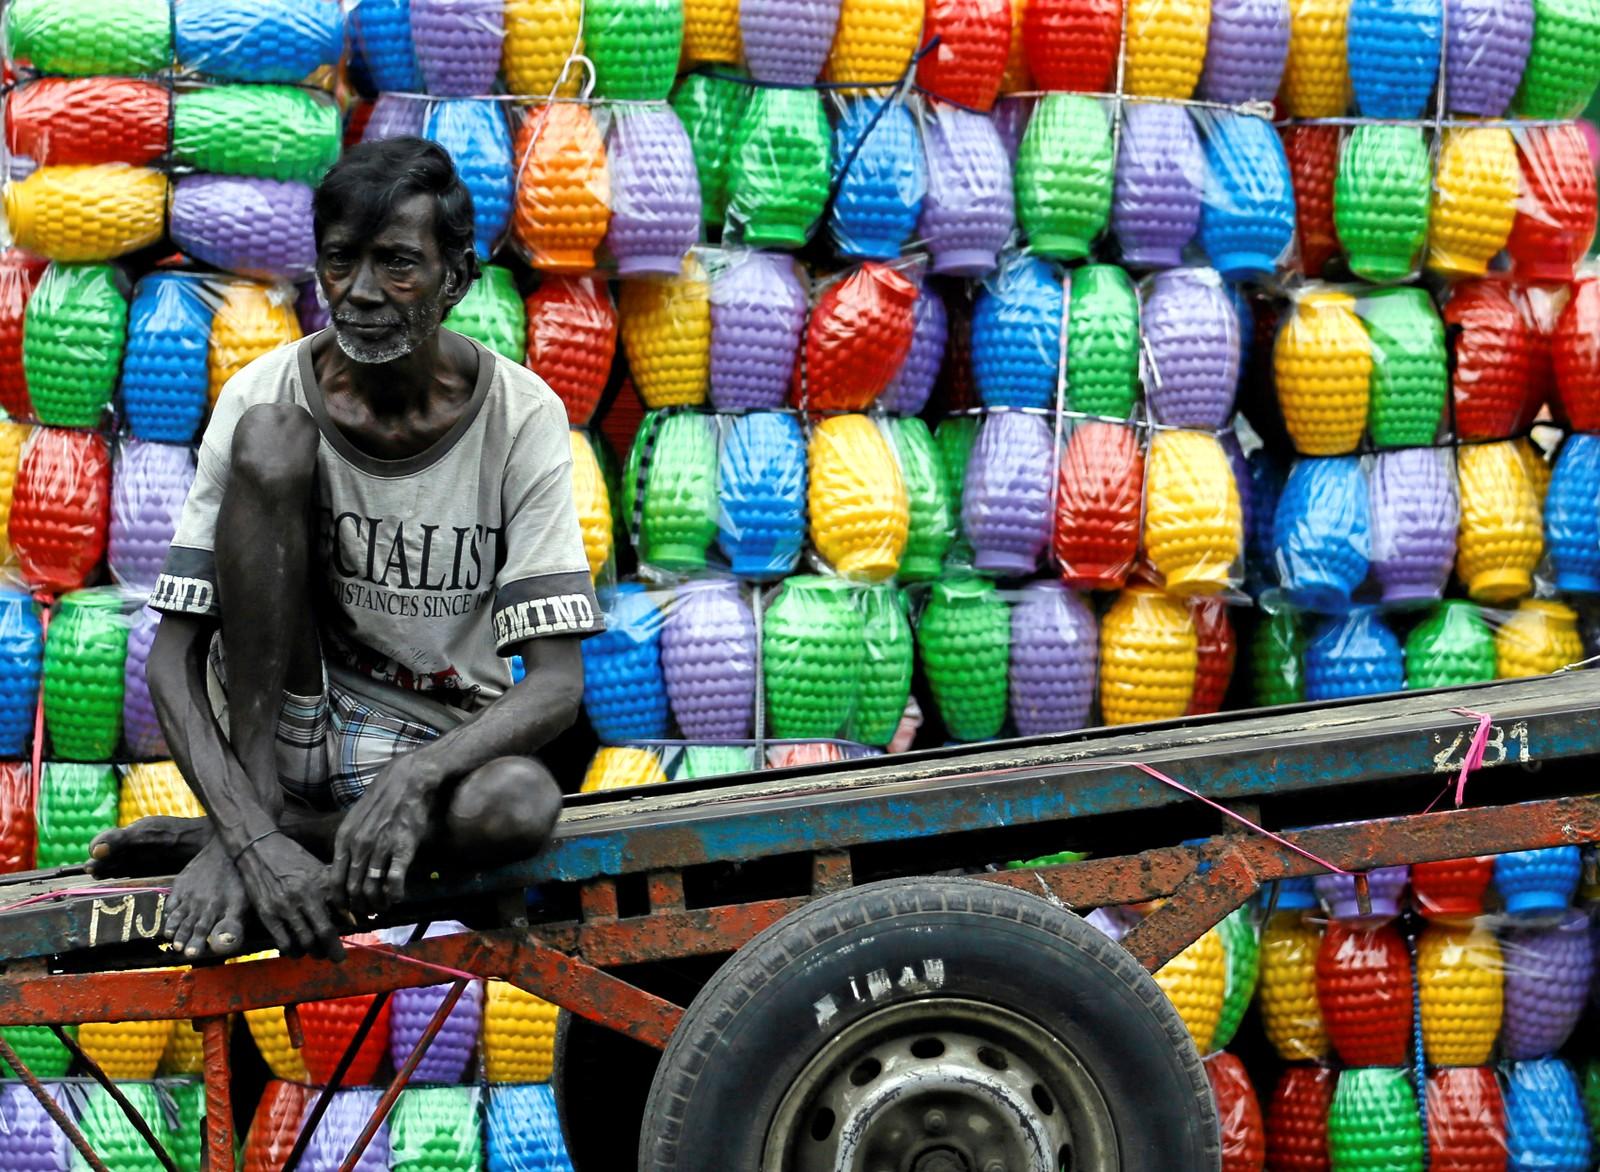 Han har nettopp lastet av alle plastikkmuggene fra vognen ved et marked i Colombo I Sri Lanka.